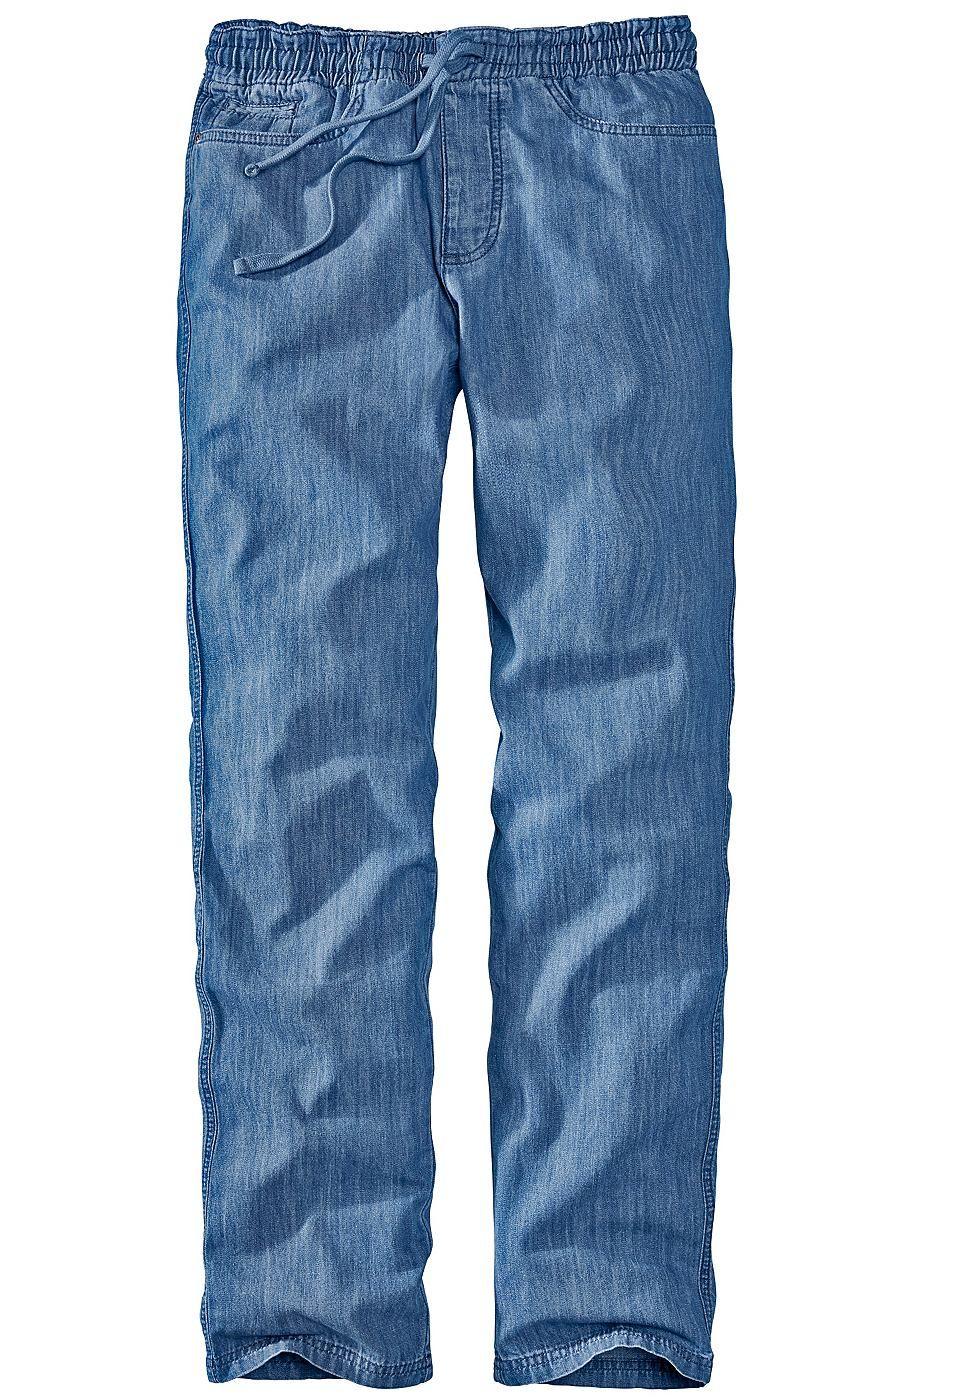 Produkttyp , 5 Pocket Jeans, |Stil , Casual, |Bund+Verschluss , Reißverschluss, |Vordertaschen , Seitliche Eingrifftaschen, |Gesäßtaschen , Mit aufgesetzten Taschen, |Saum , durchgesteppt, |Material , Baumwolle, |Materialzusammensetzung , 100% Baumwolle., |Pflegehinweise , Maschinenwäsche, | ...